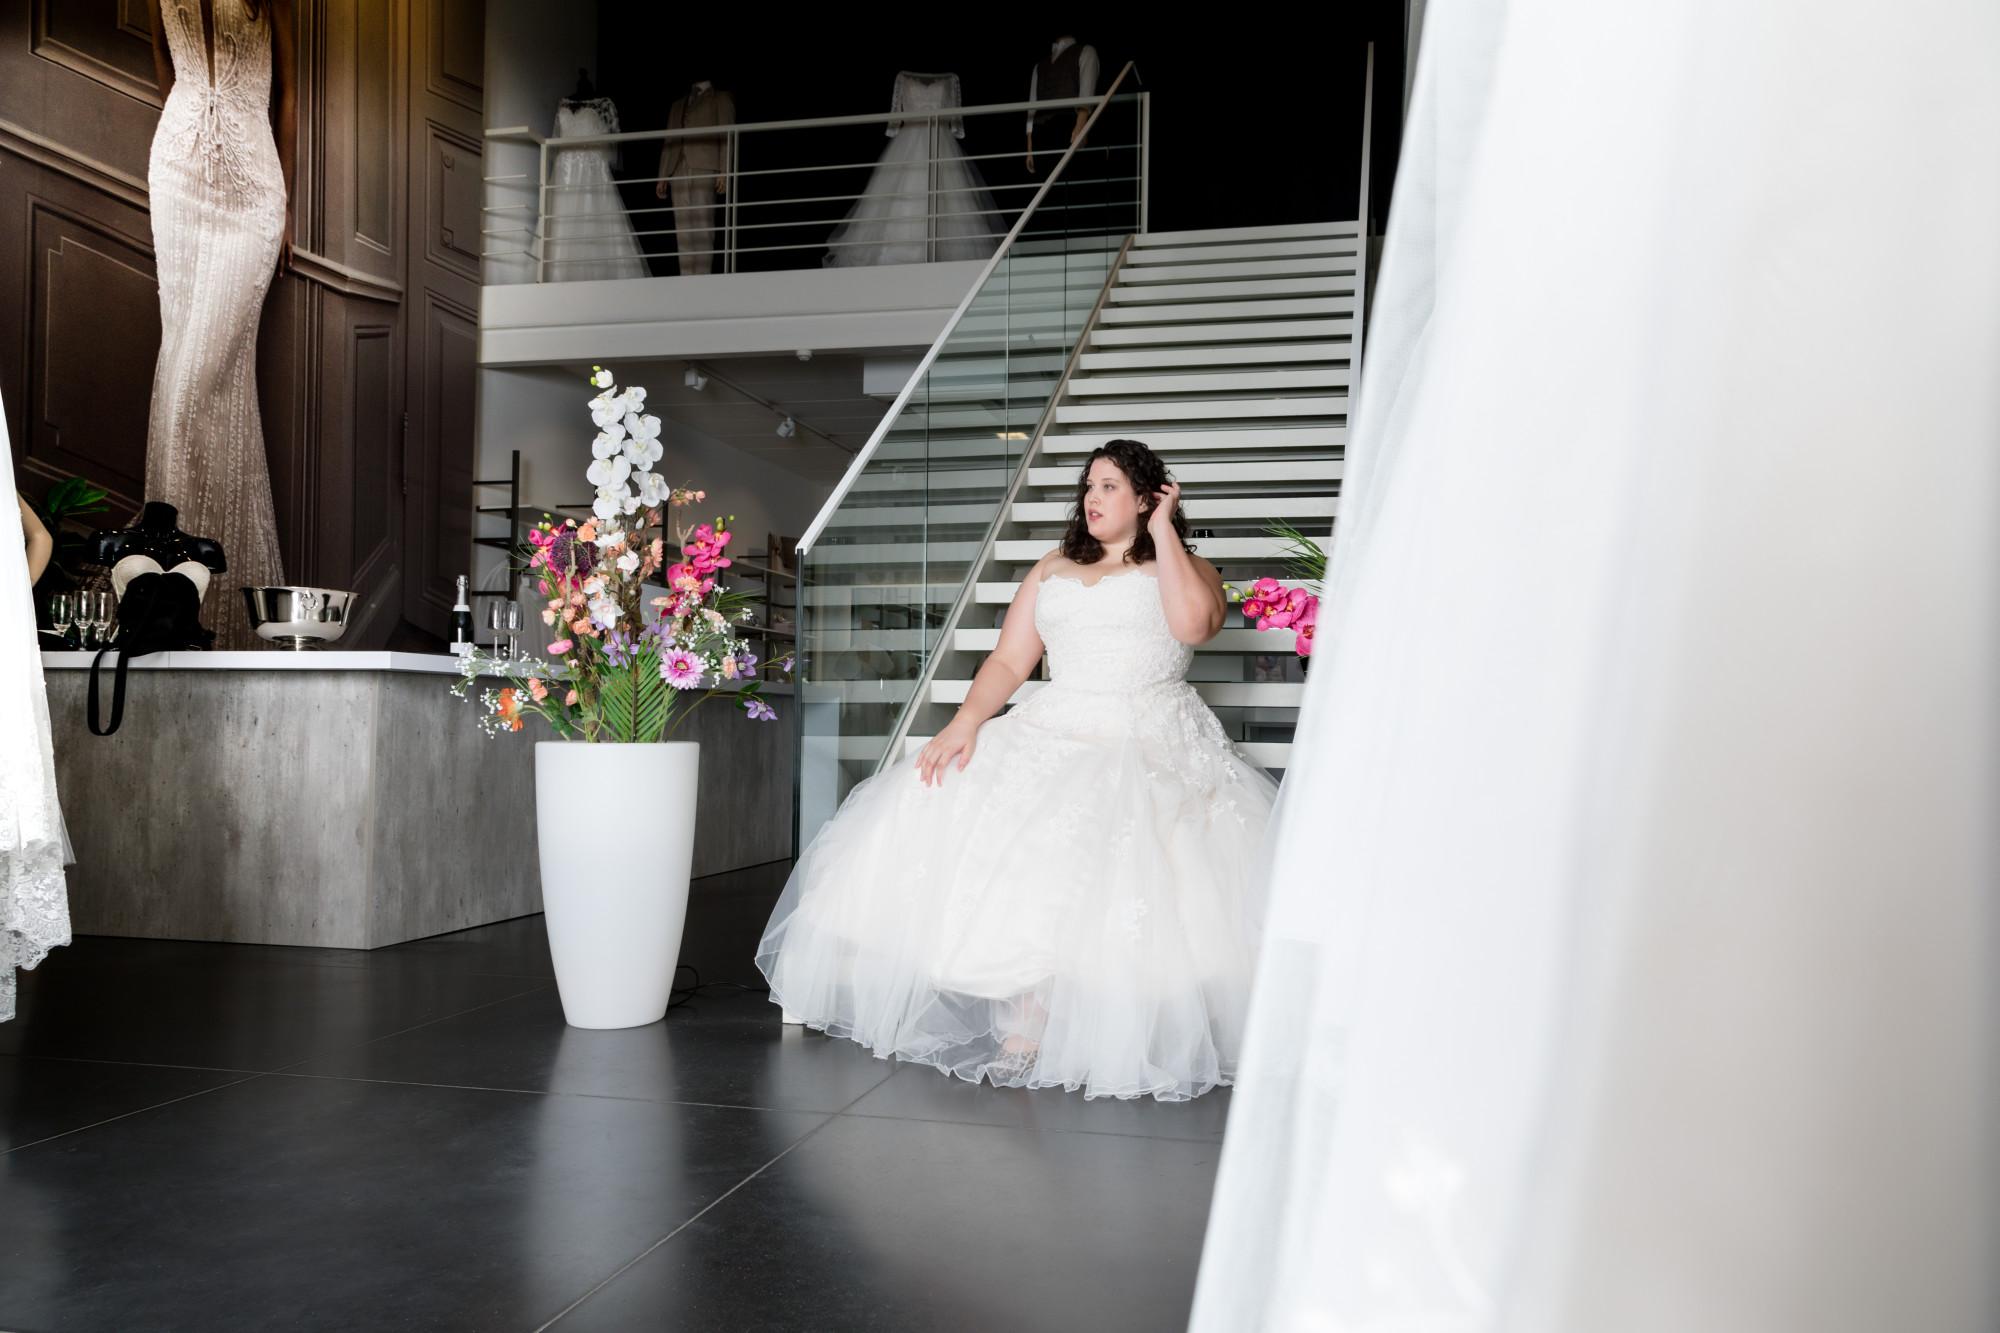 weddingstore_2019-58.jpg